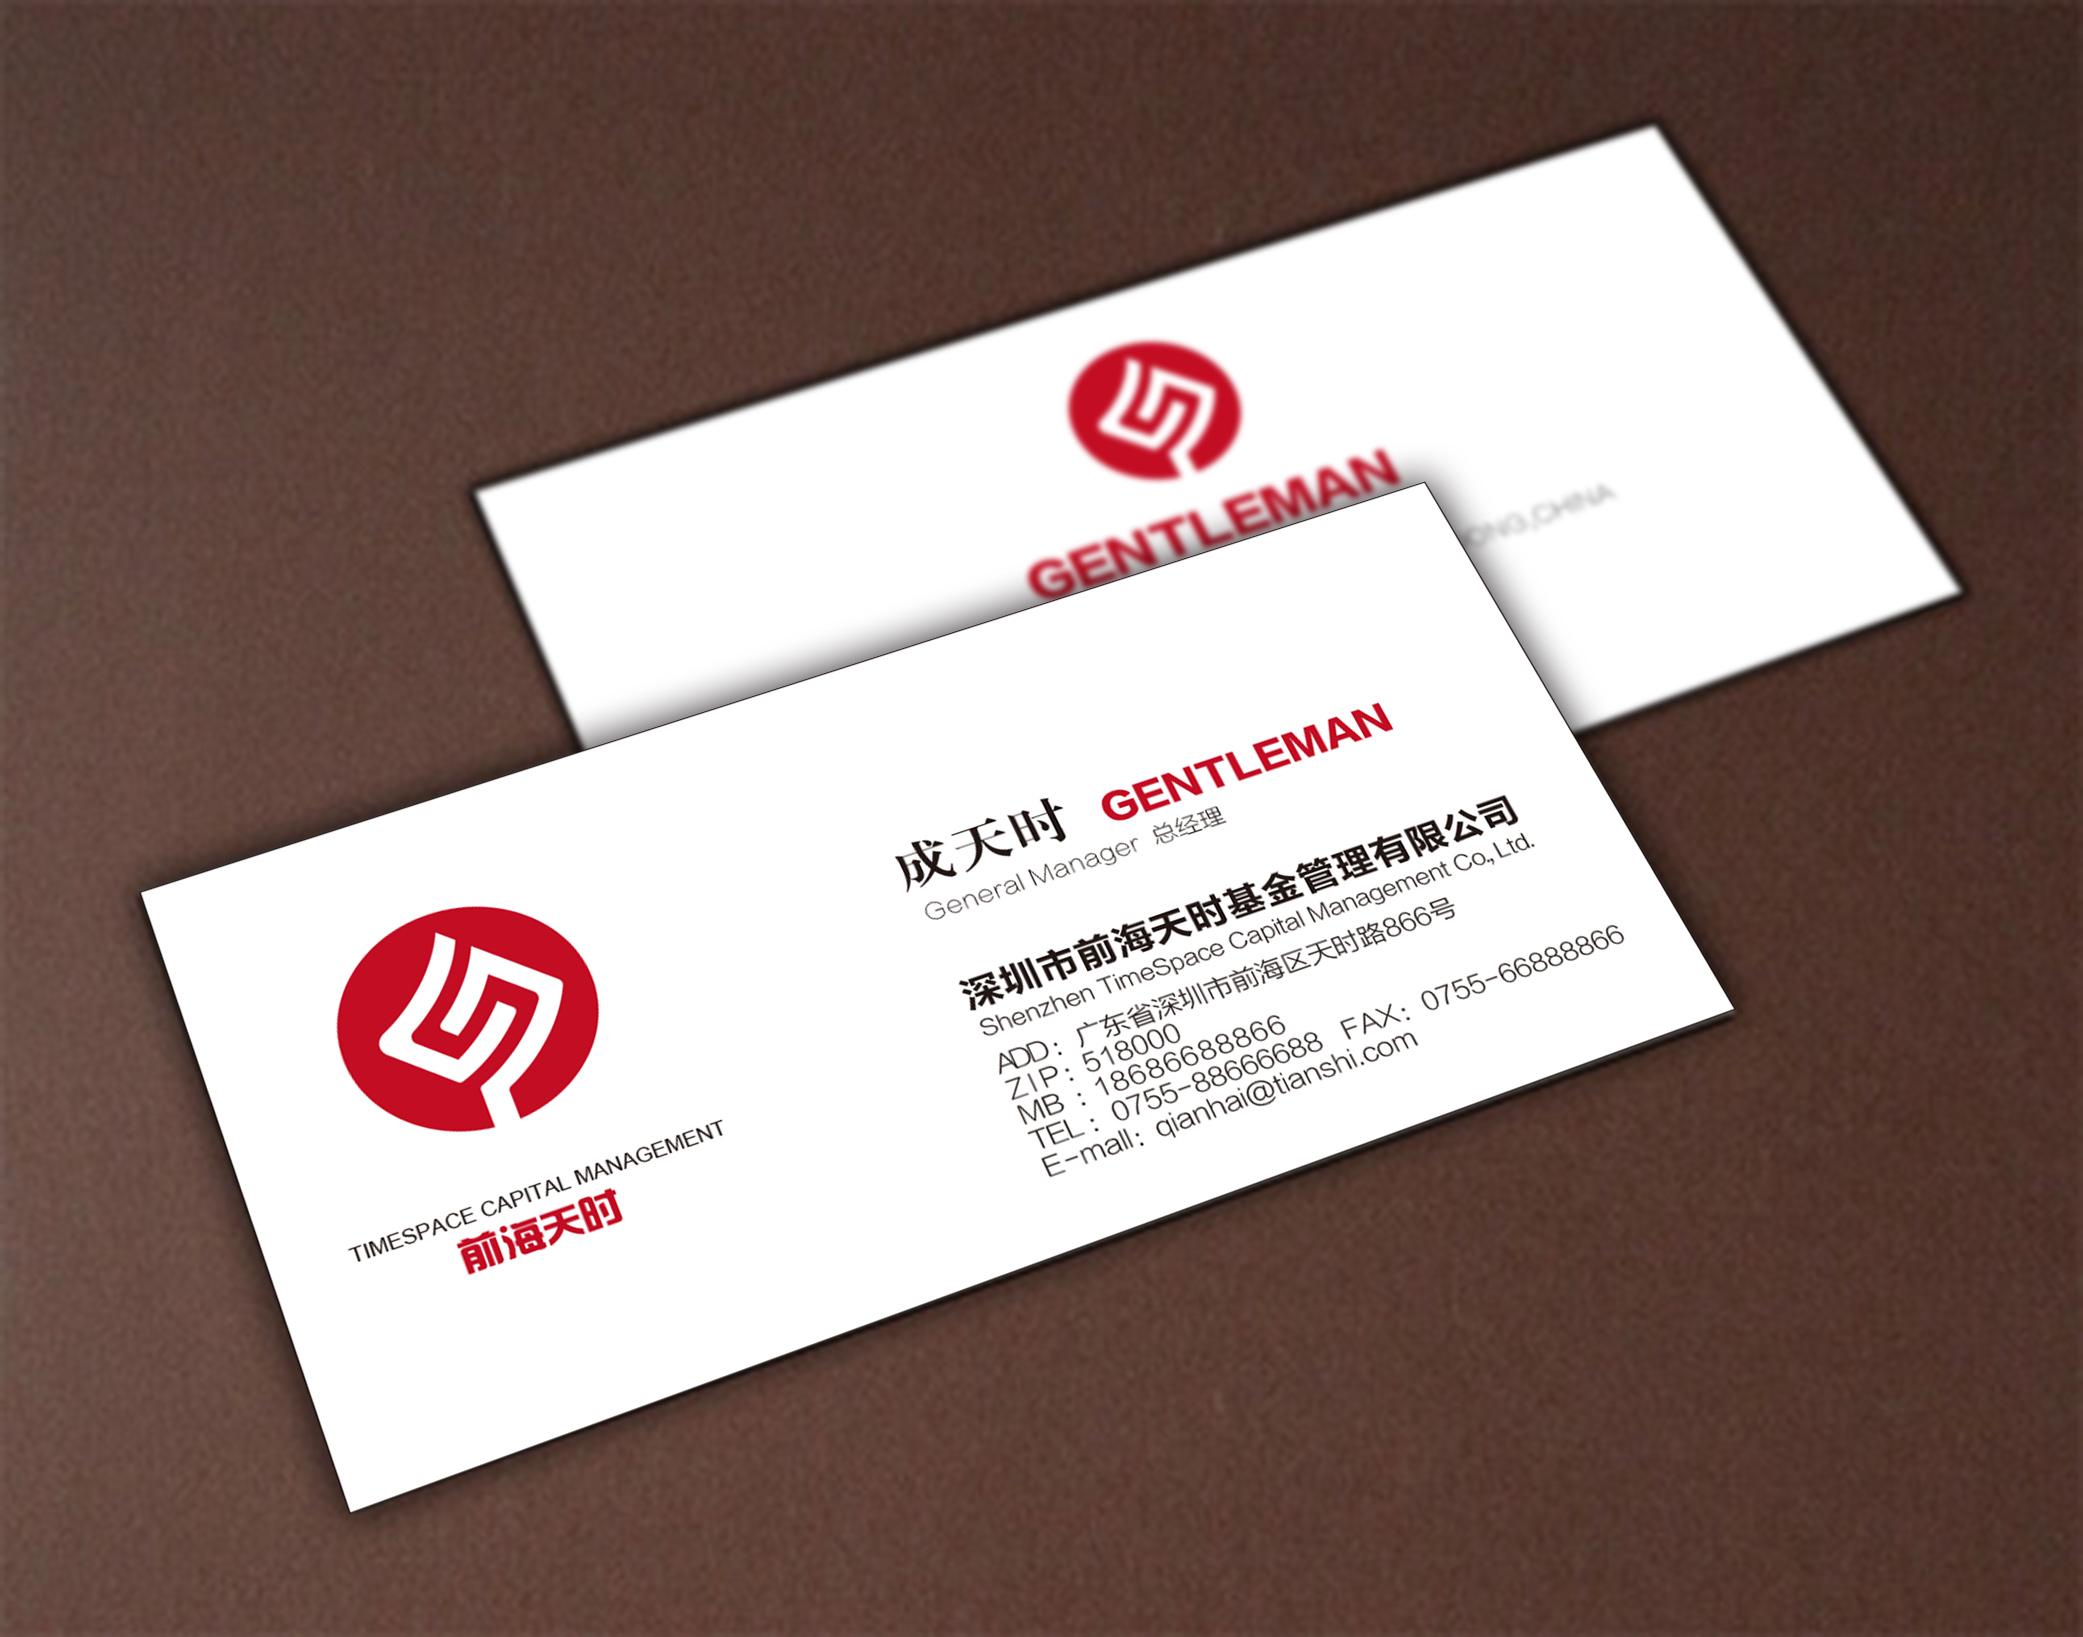 投资公司logo及名片设计图片